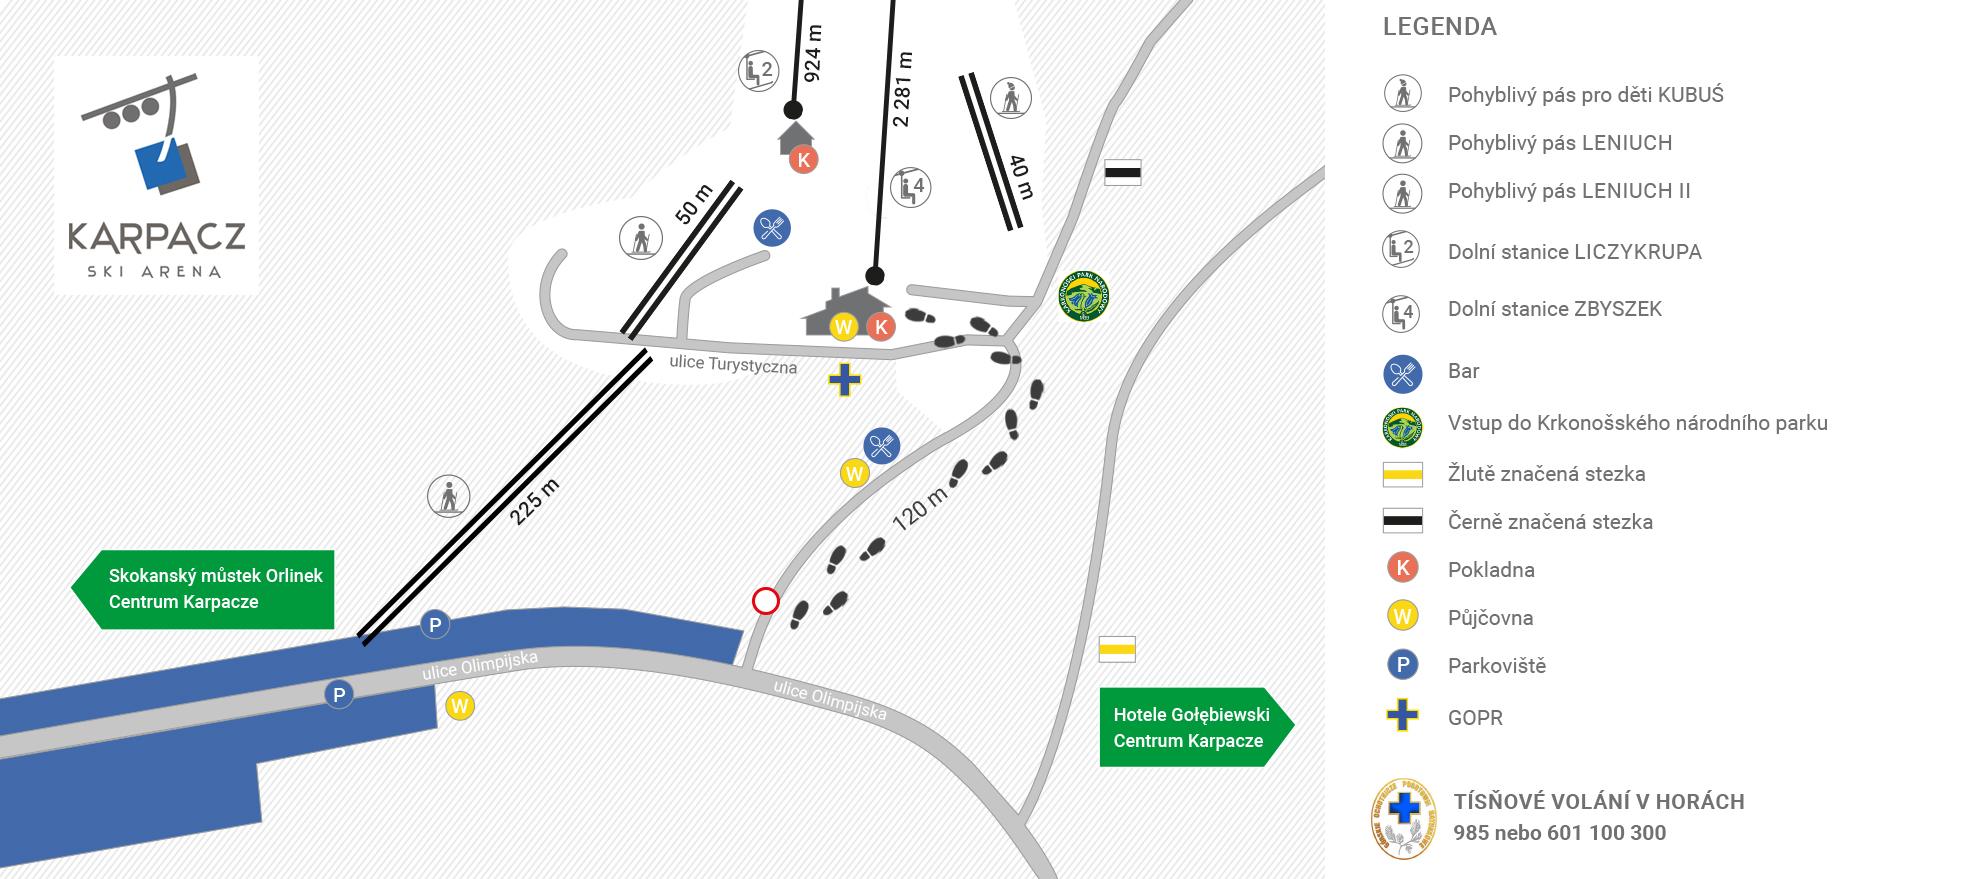 Karpacz Ski Arena_Parkoviště a příjezd